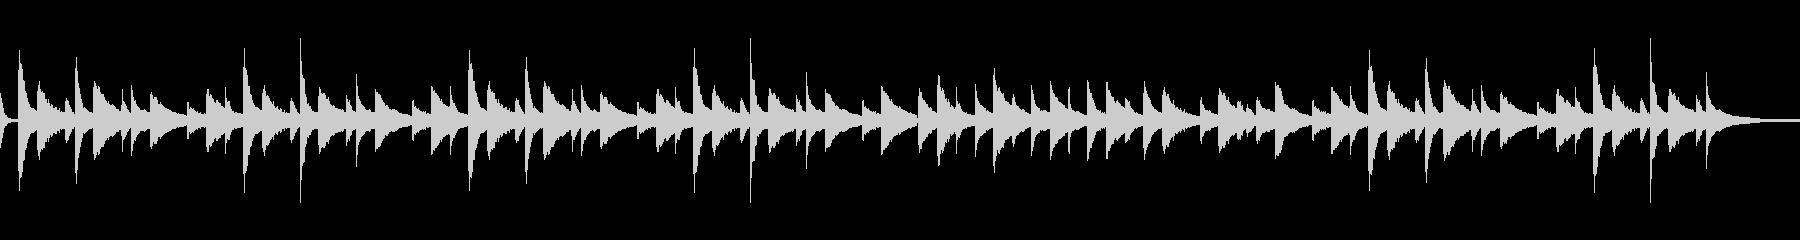 失恋/ピアノソロ/悲しい/切ないの未再生の波形